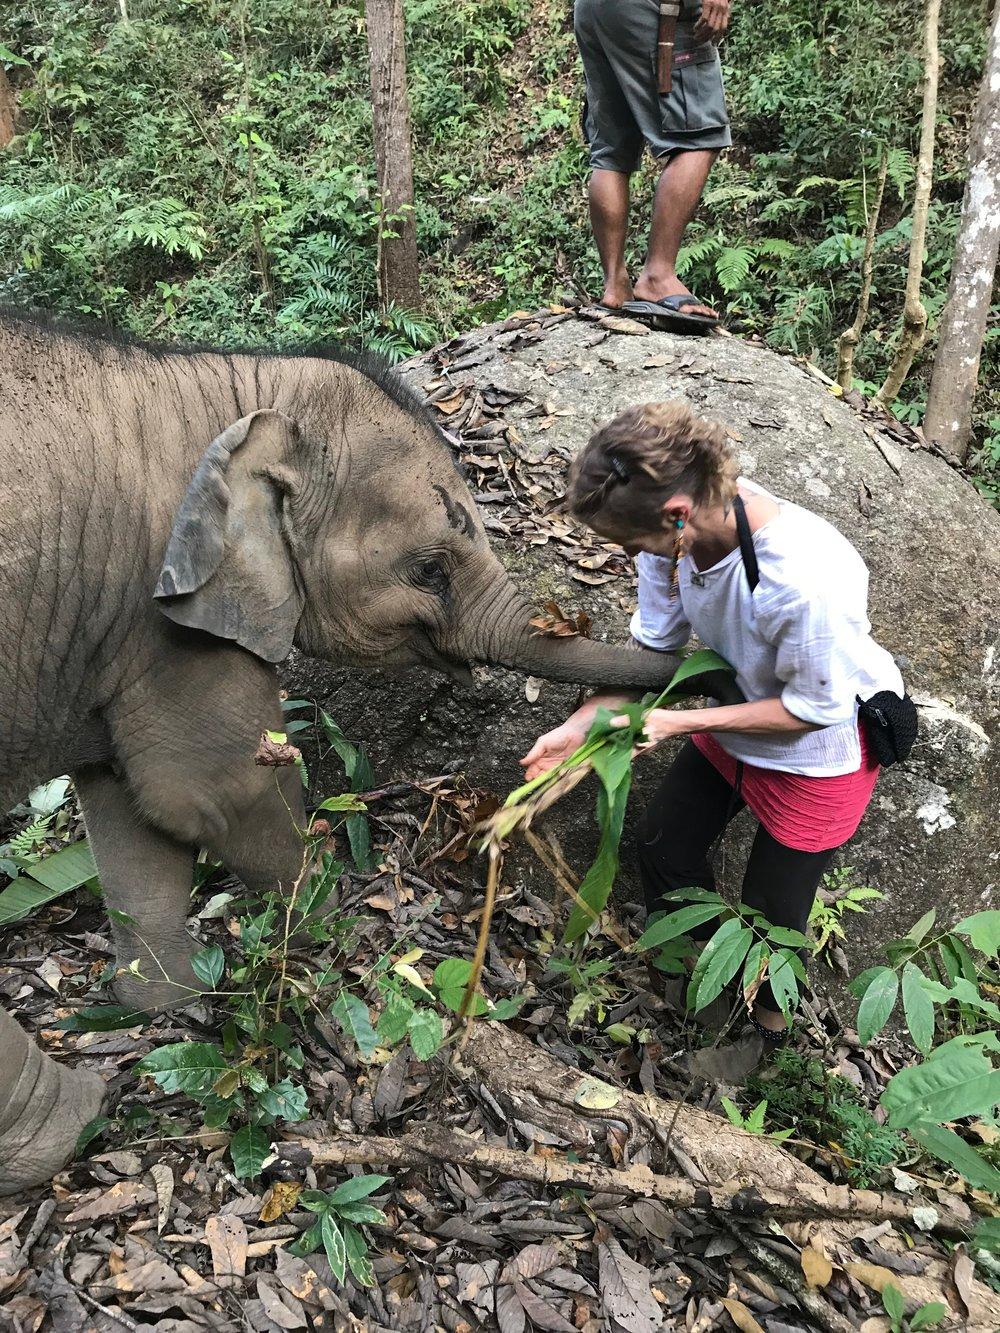 Thailand Elephant Retreat - January 13-20th & January 20th-27th, 2019